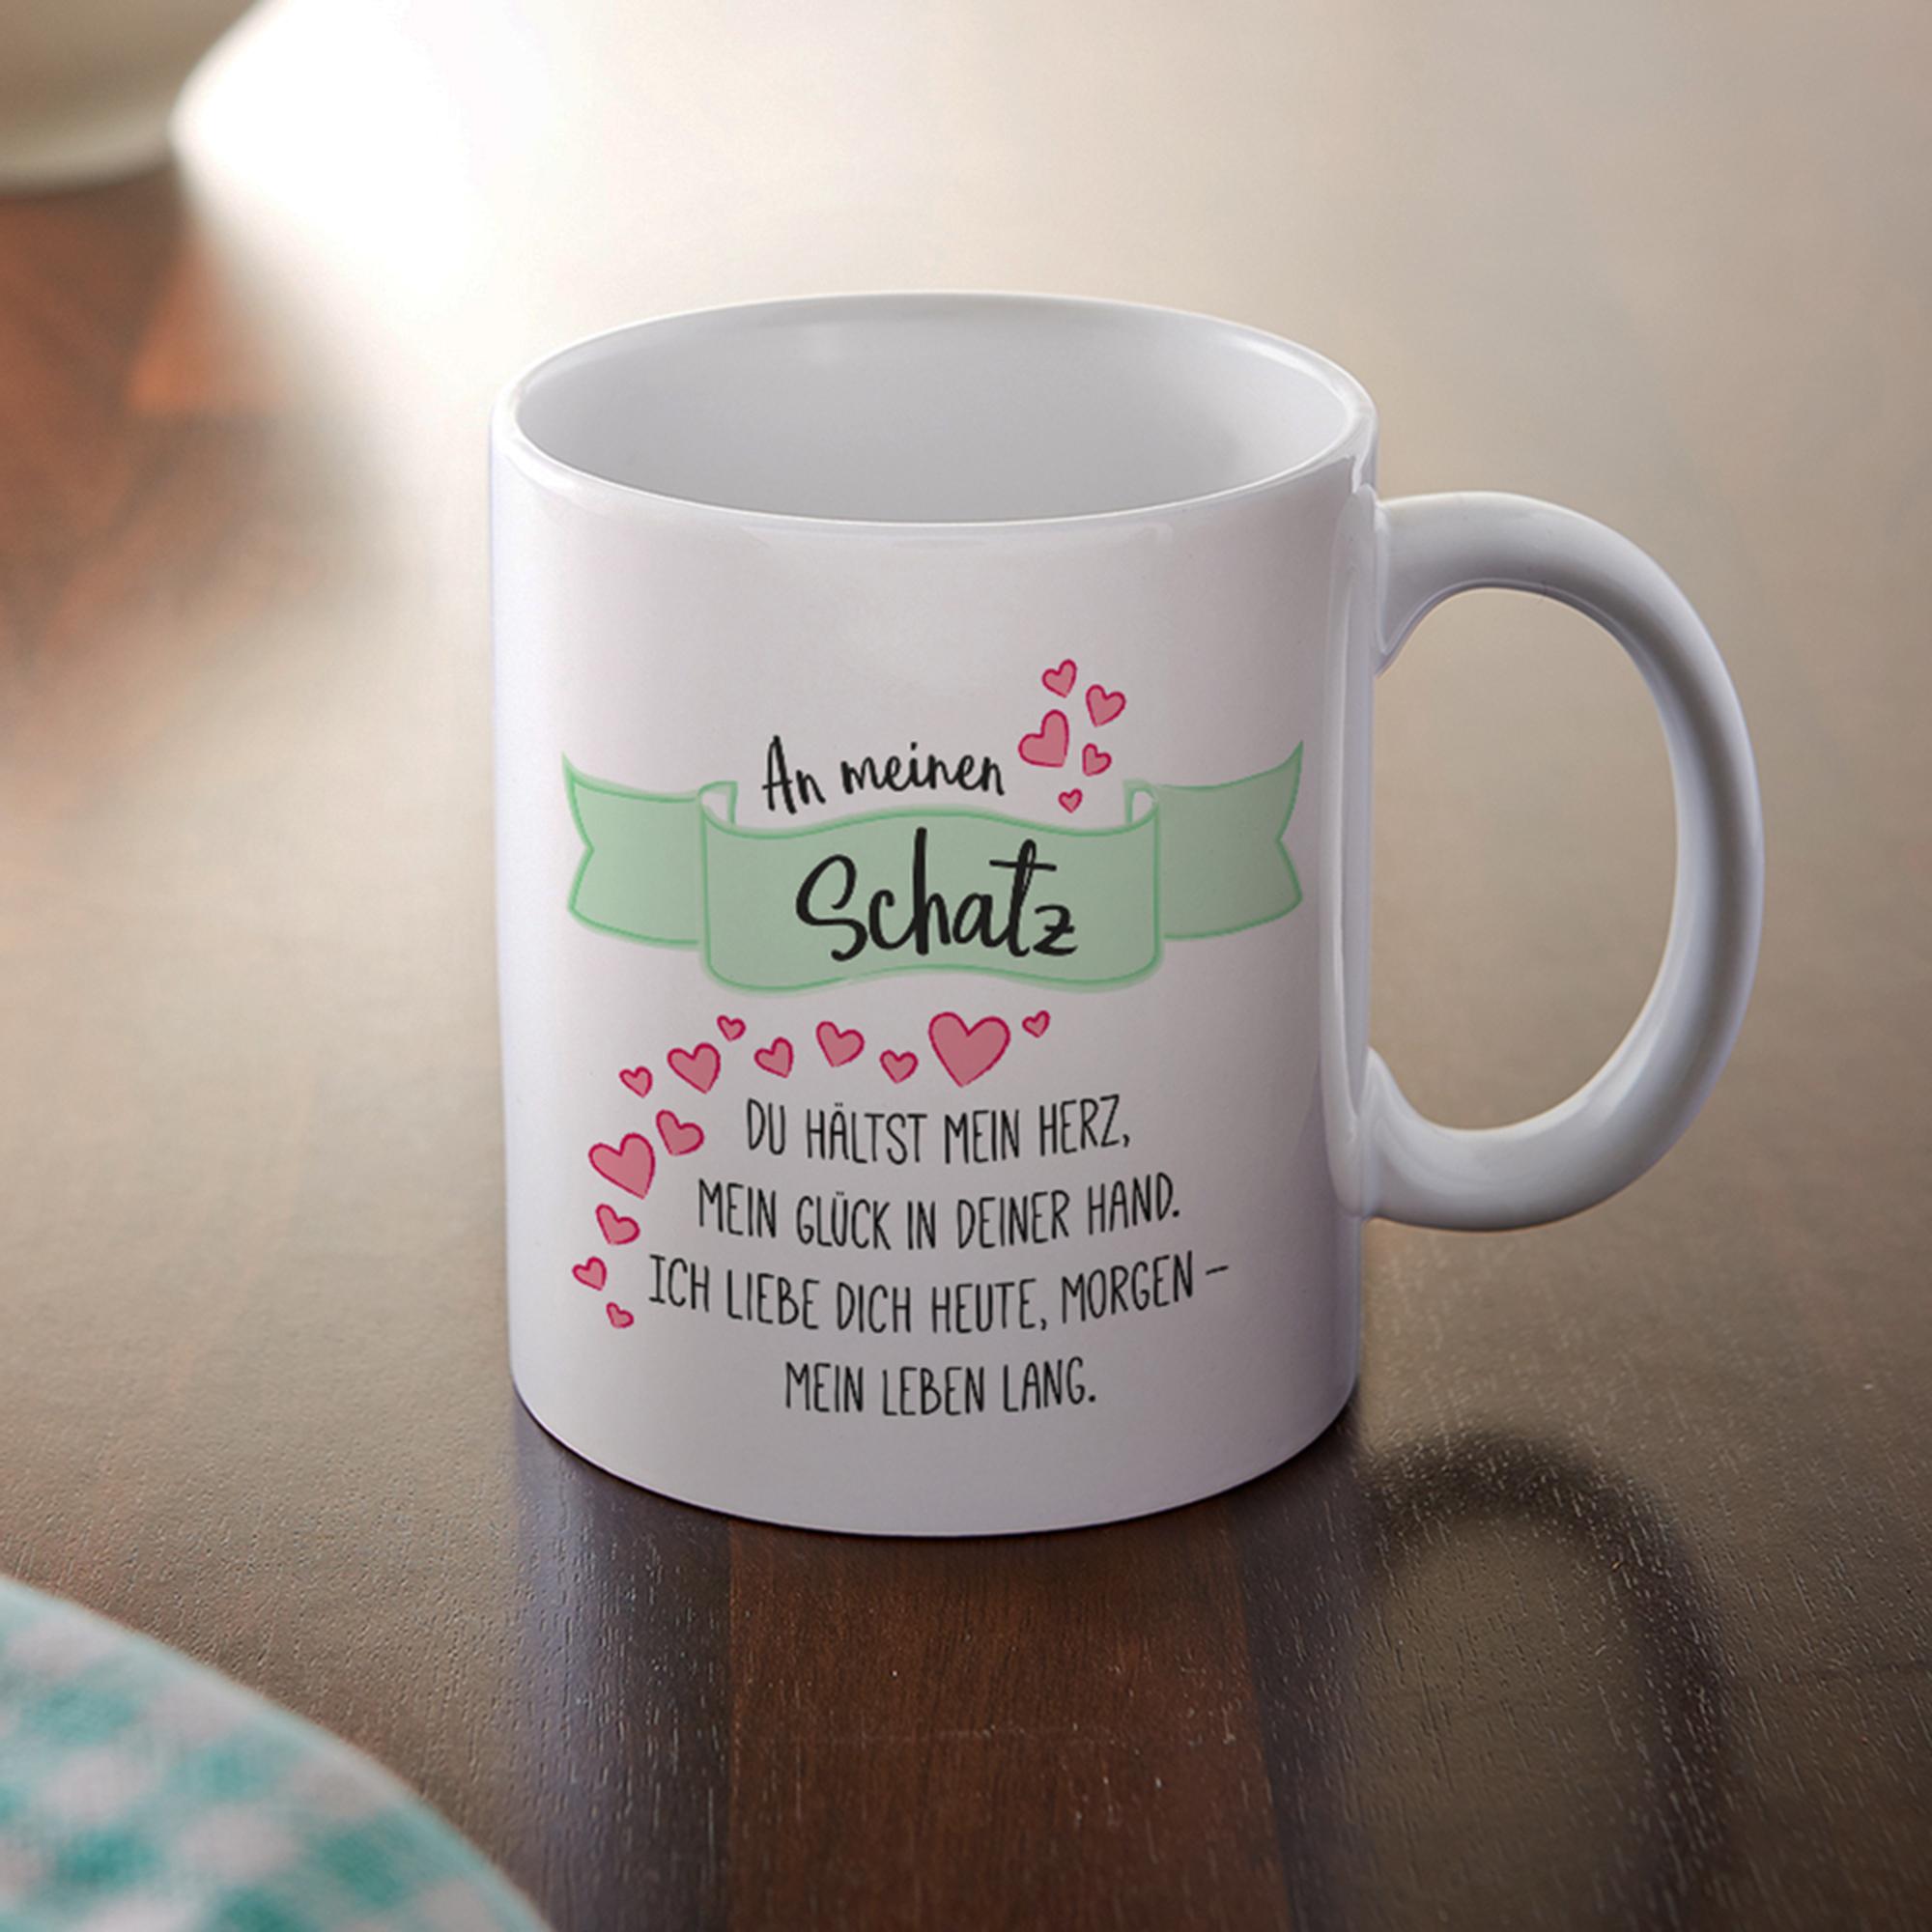 Romantische Tasse - An meinen Schatz aus Keramik - weiß